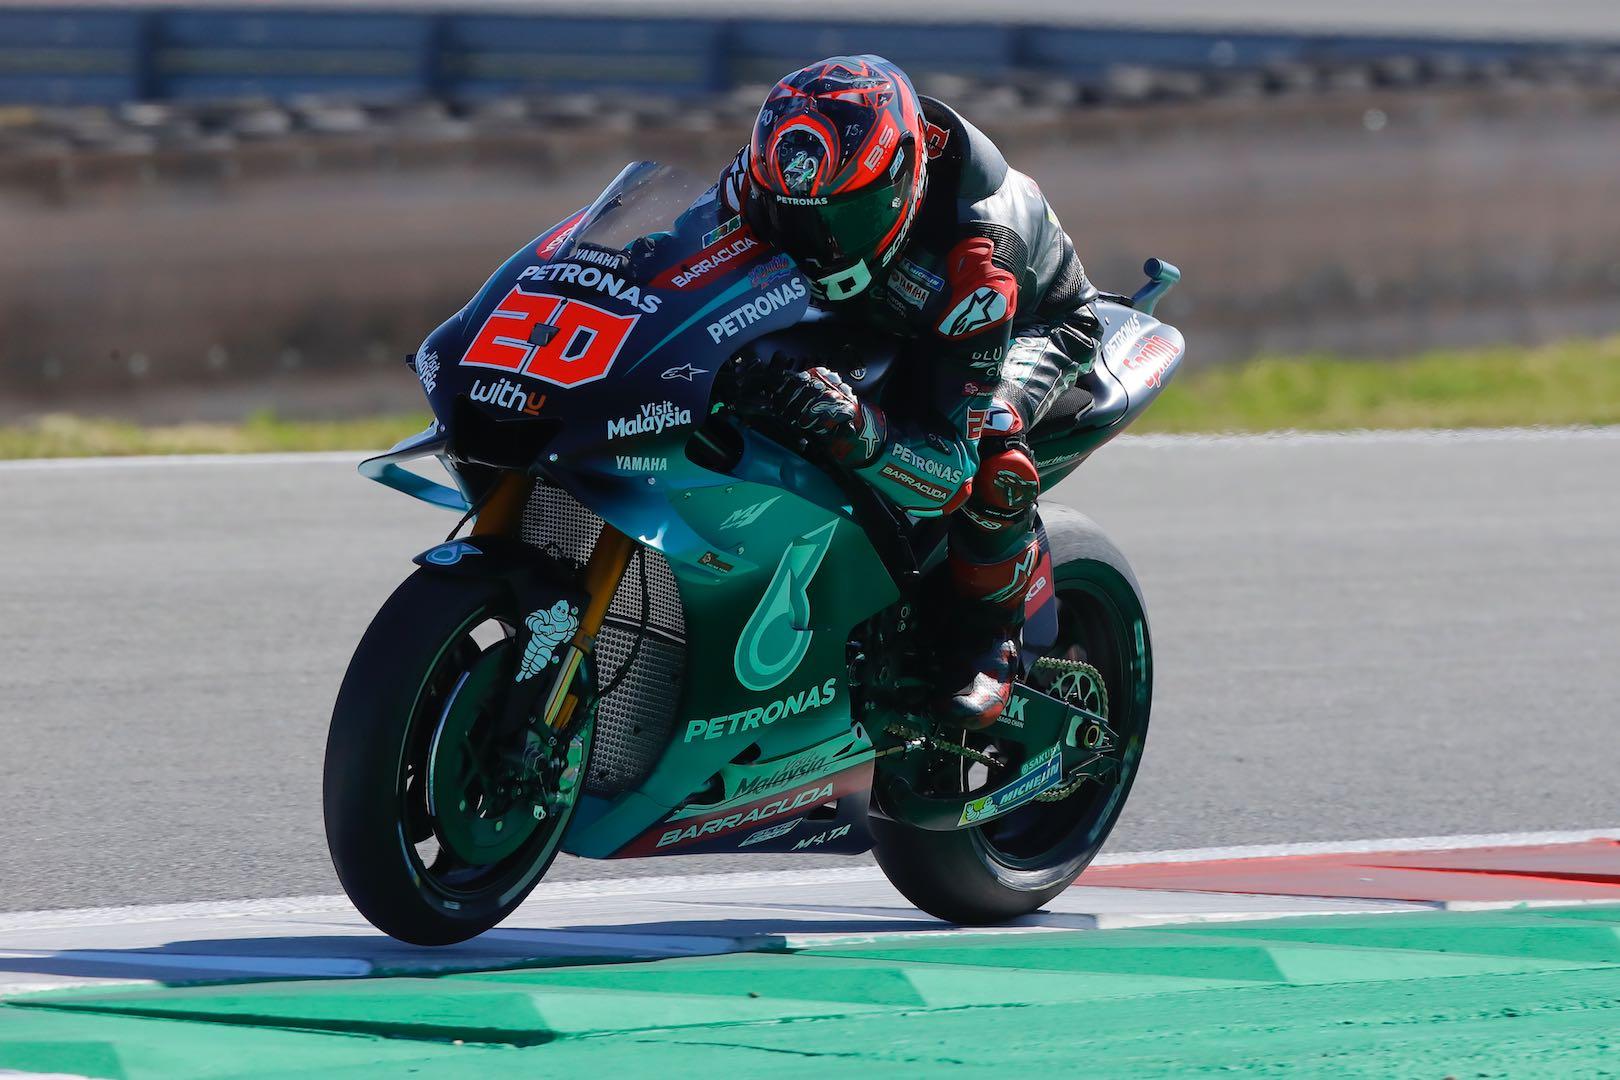 Yamaha's Fabio Quartararo at Assen MotoGP 2019 Qualifying